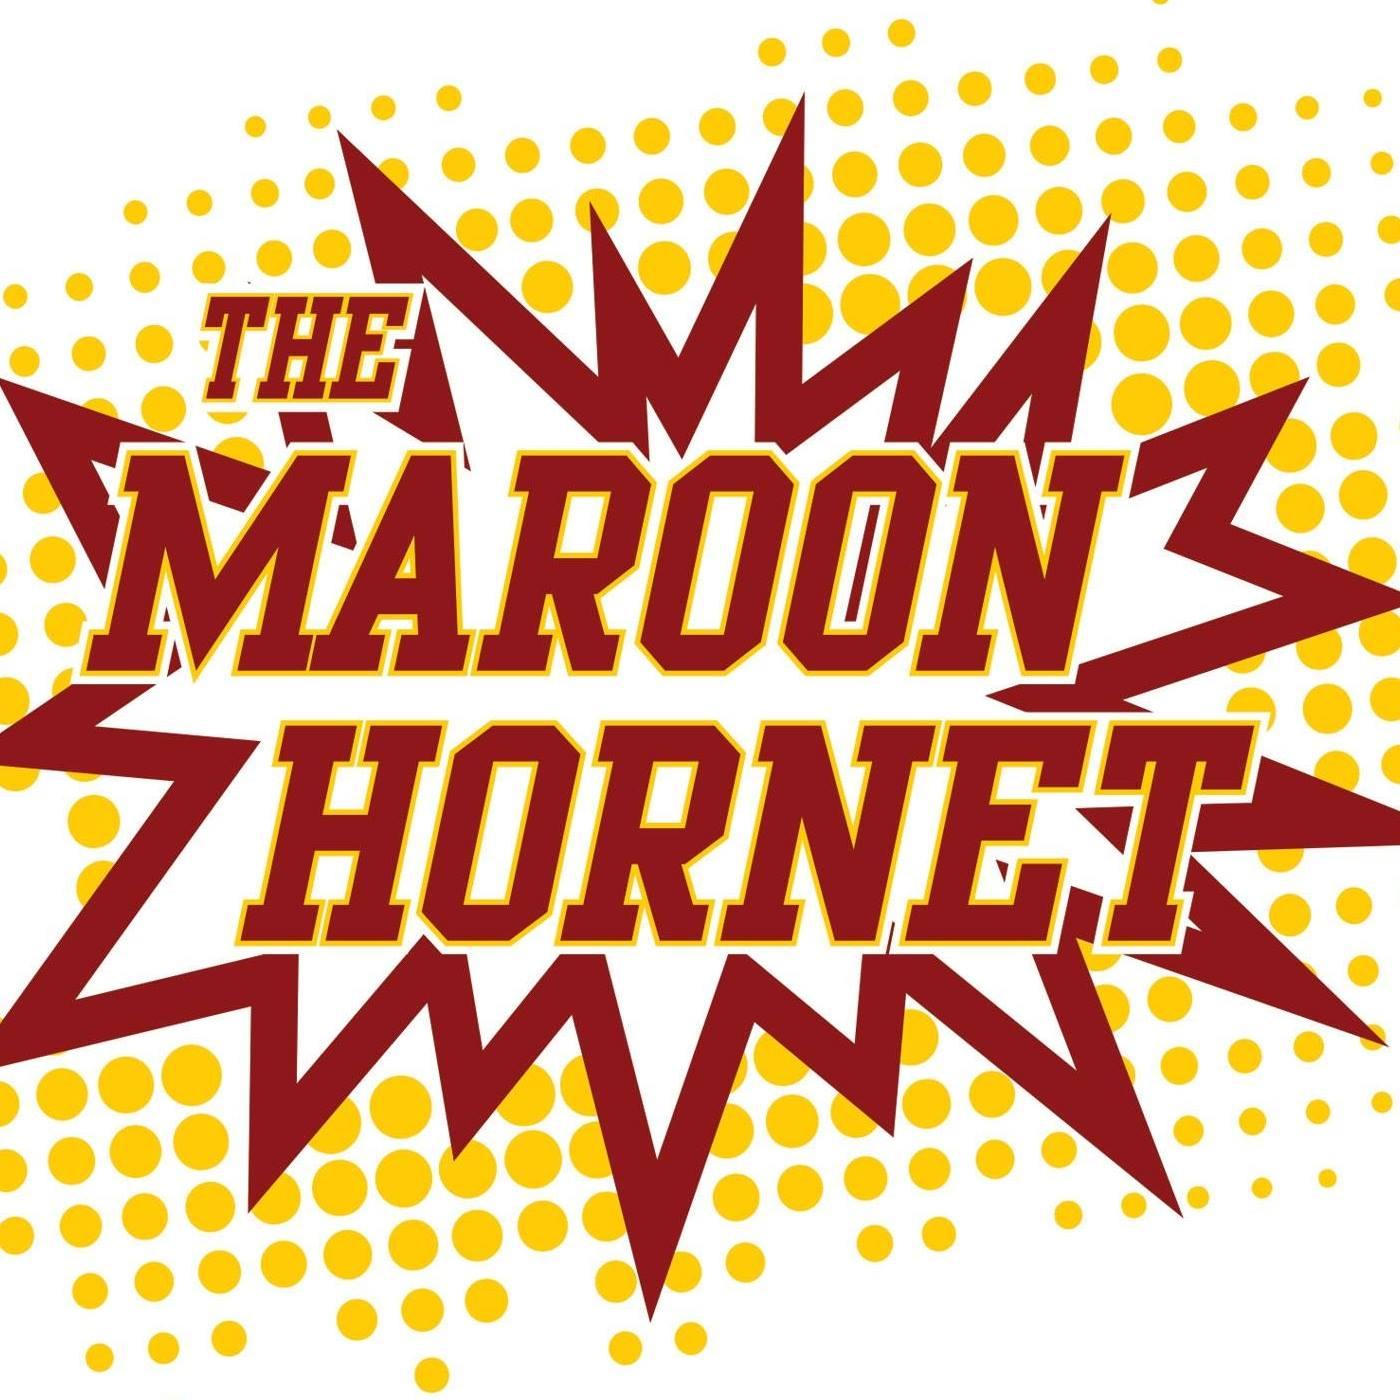 maroonhornet